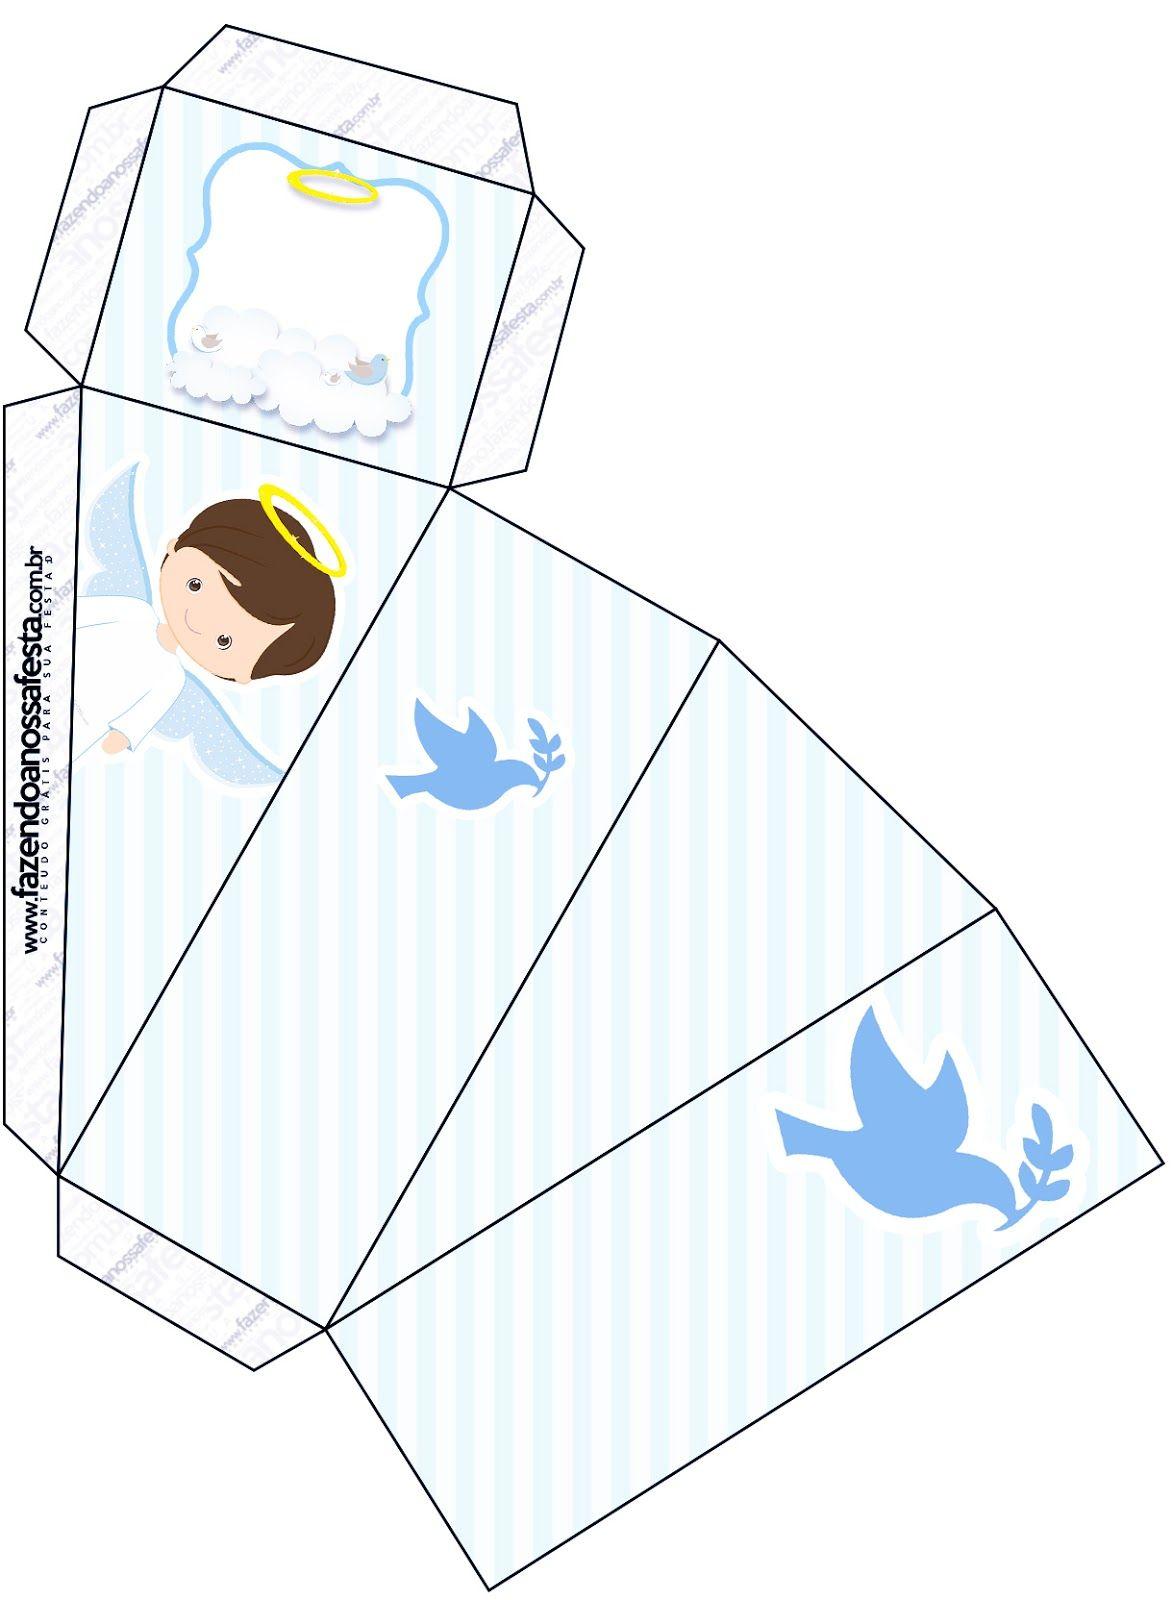 Cajas Bautizo.Bello Bautismo De Nino Moreno Cajas Para Imprimir Gratis